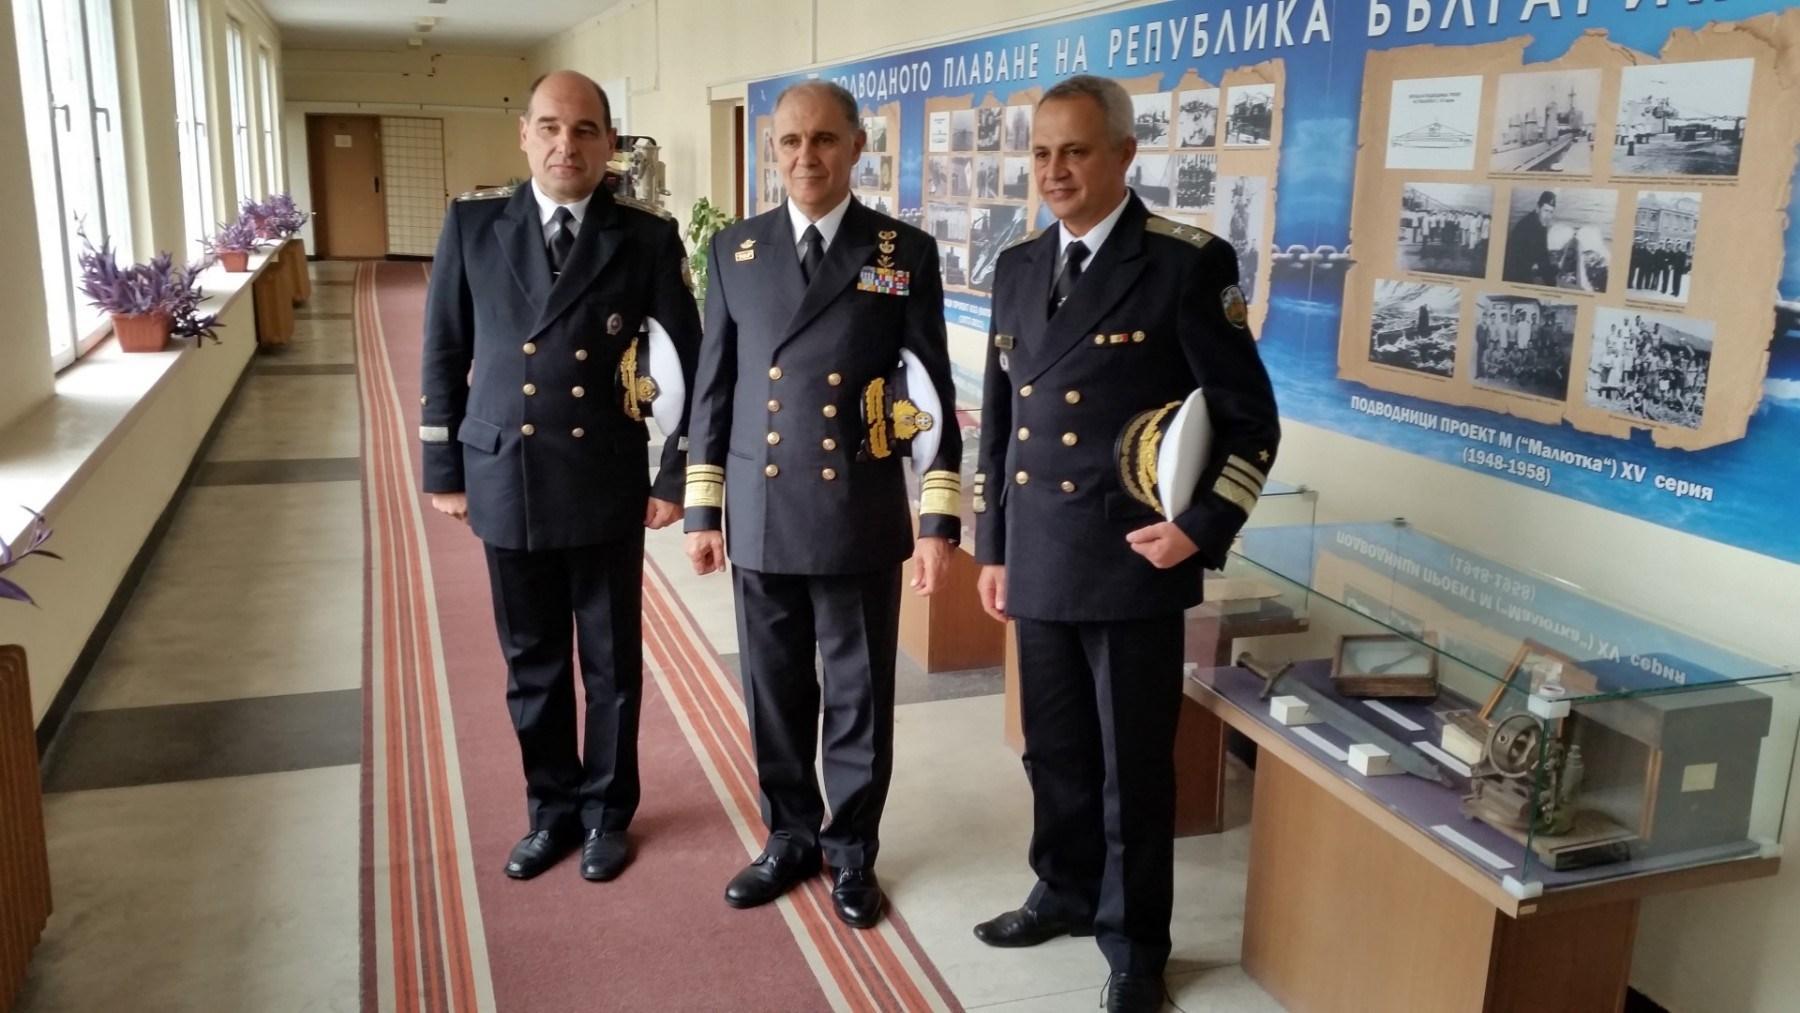 Στιγμιότυπο από την επίσκεψη του Αρχηγού ΓΕΝ, Αντιναύαρχου Γεώργιου Γιακουμάκη ΠΝ, στη Βουλγαρία